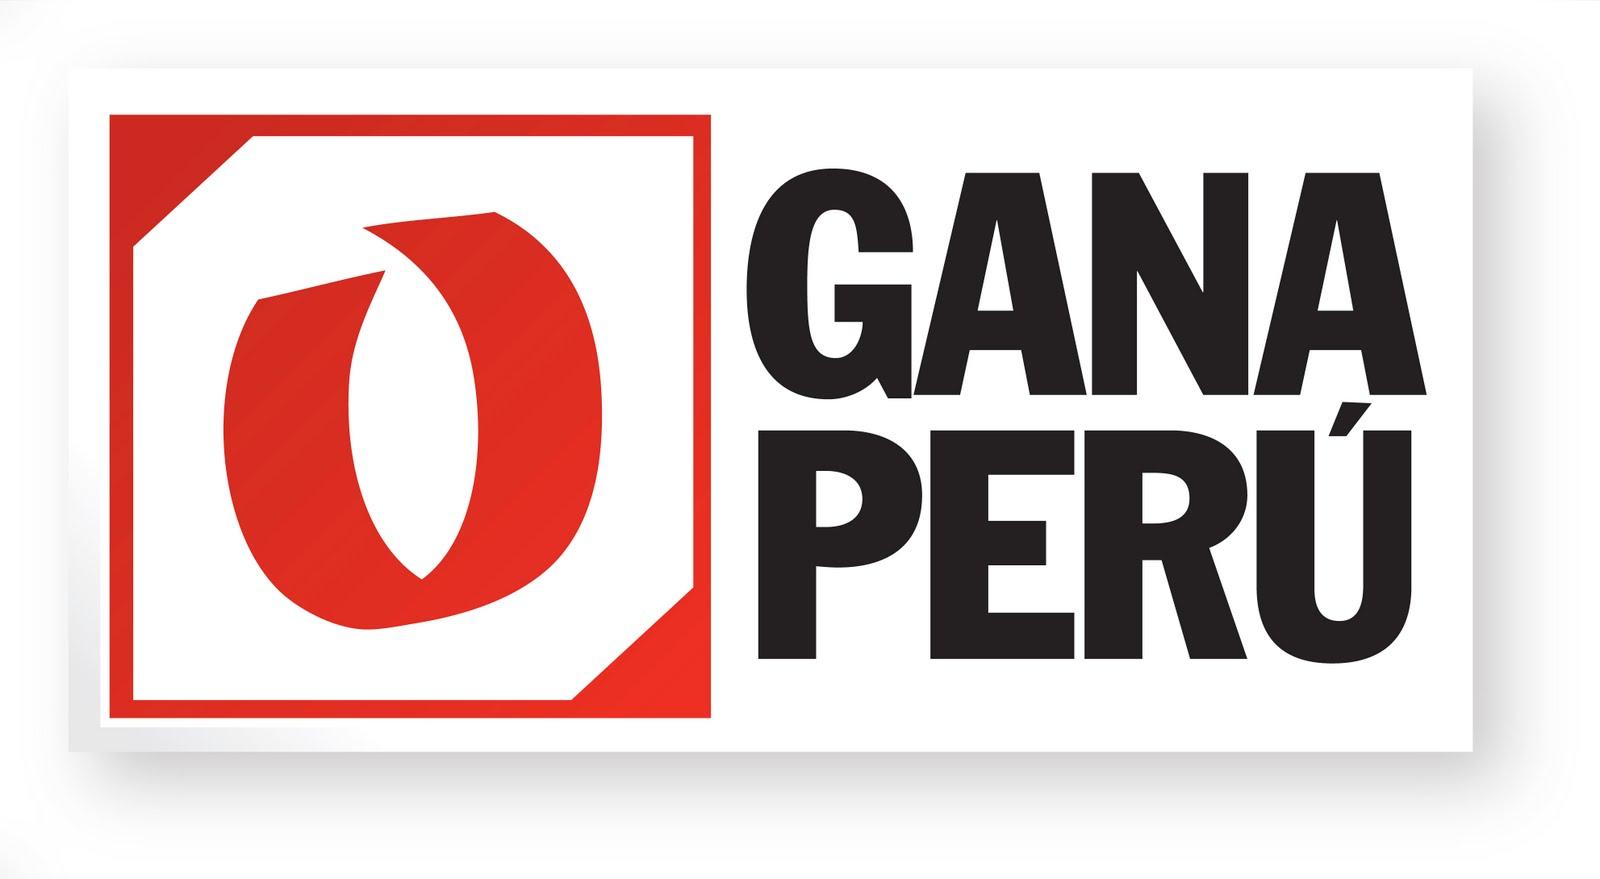 Cafeconsentido relaci n de ministros de estado for Logo del ministerio del interior peru